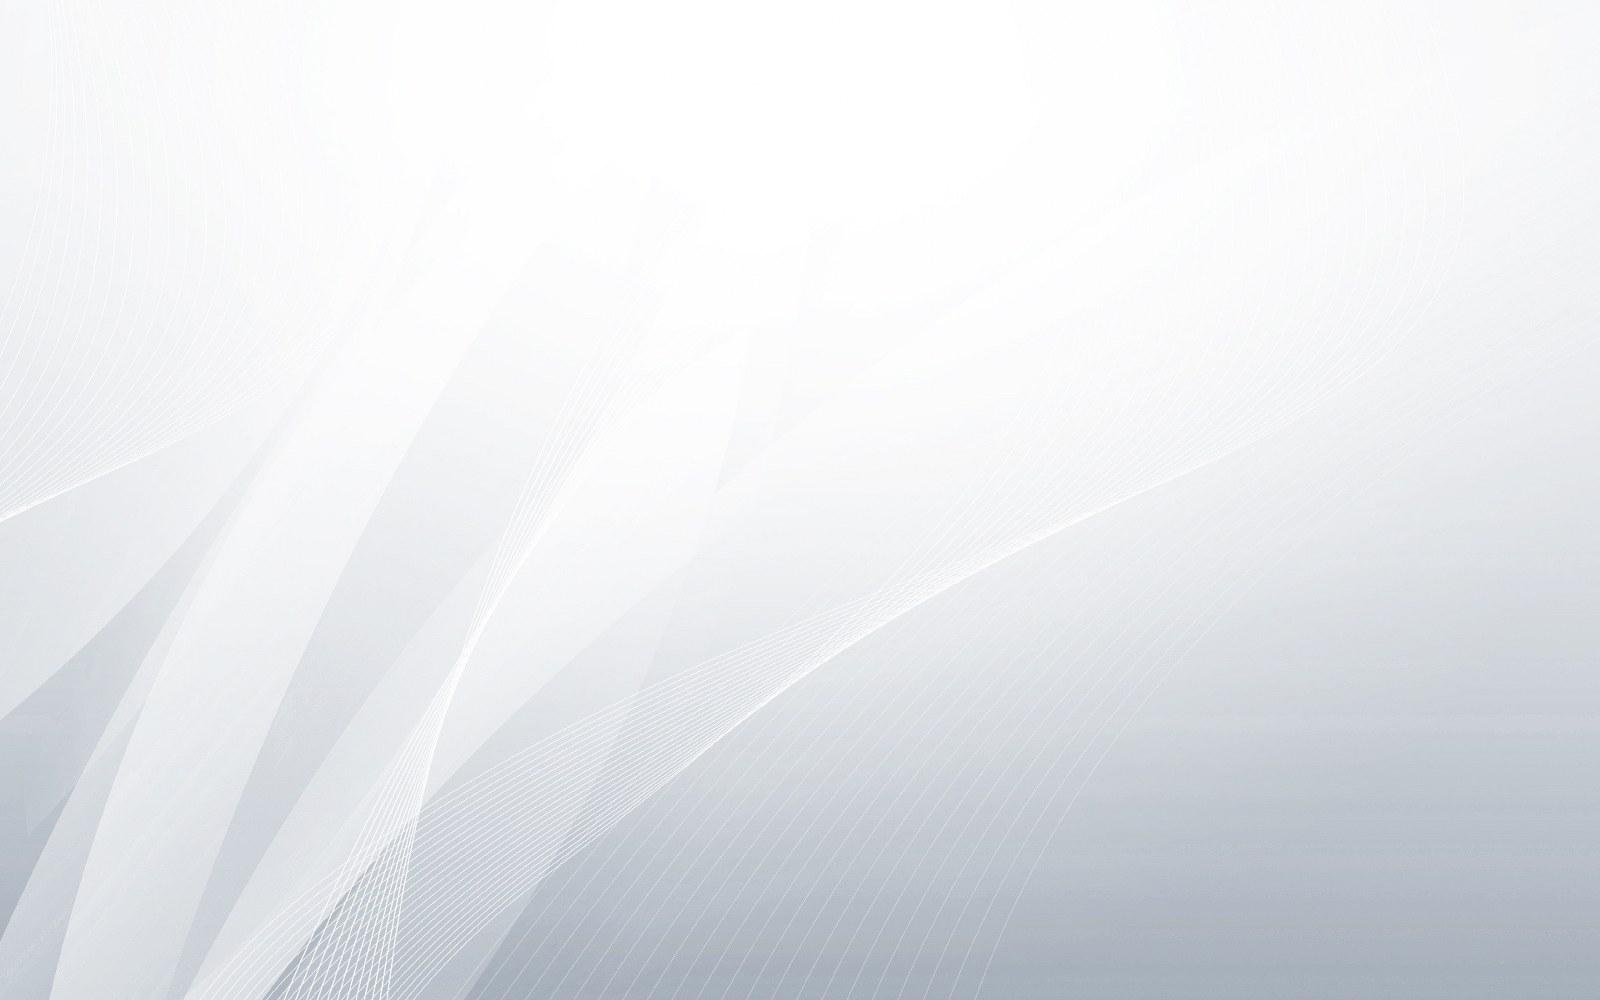 Background đơn sắc đẹp cho powerpoint